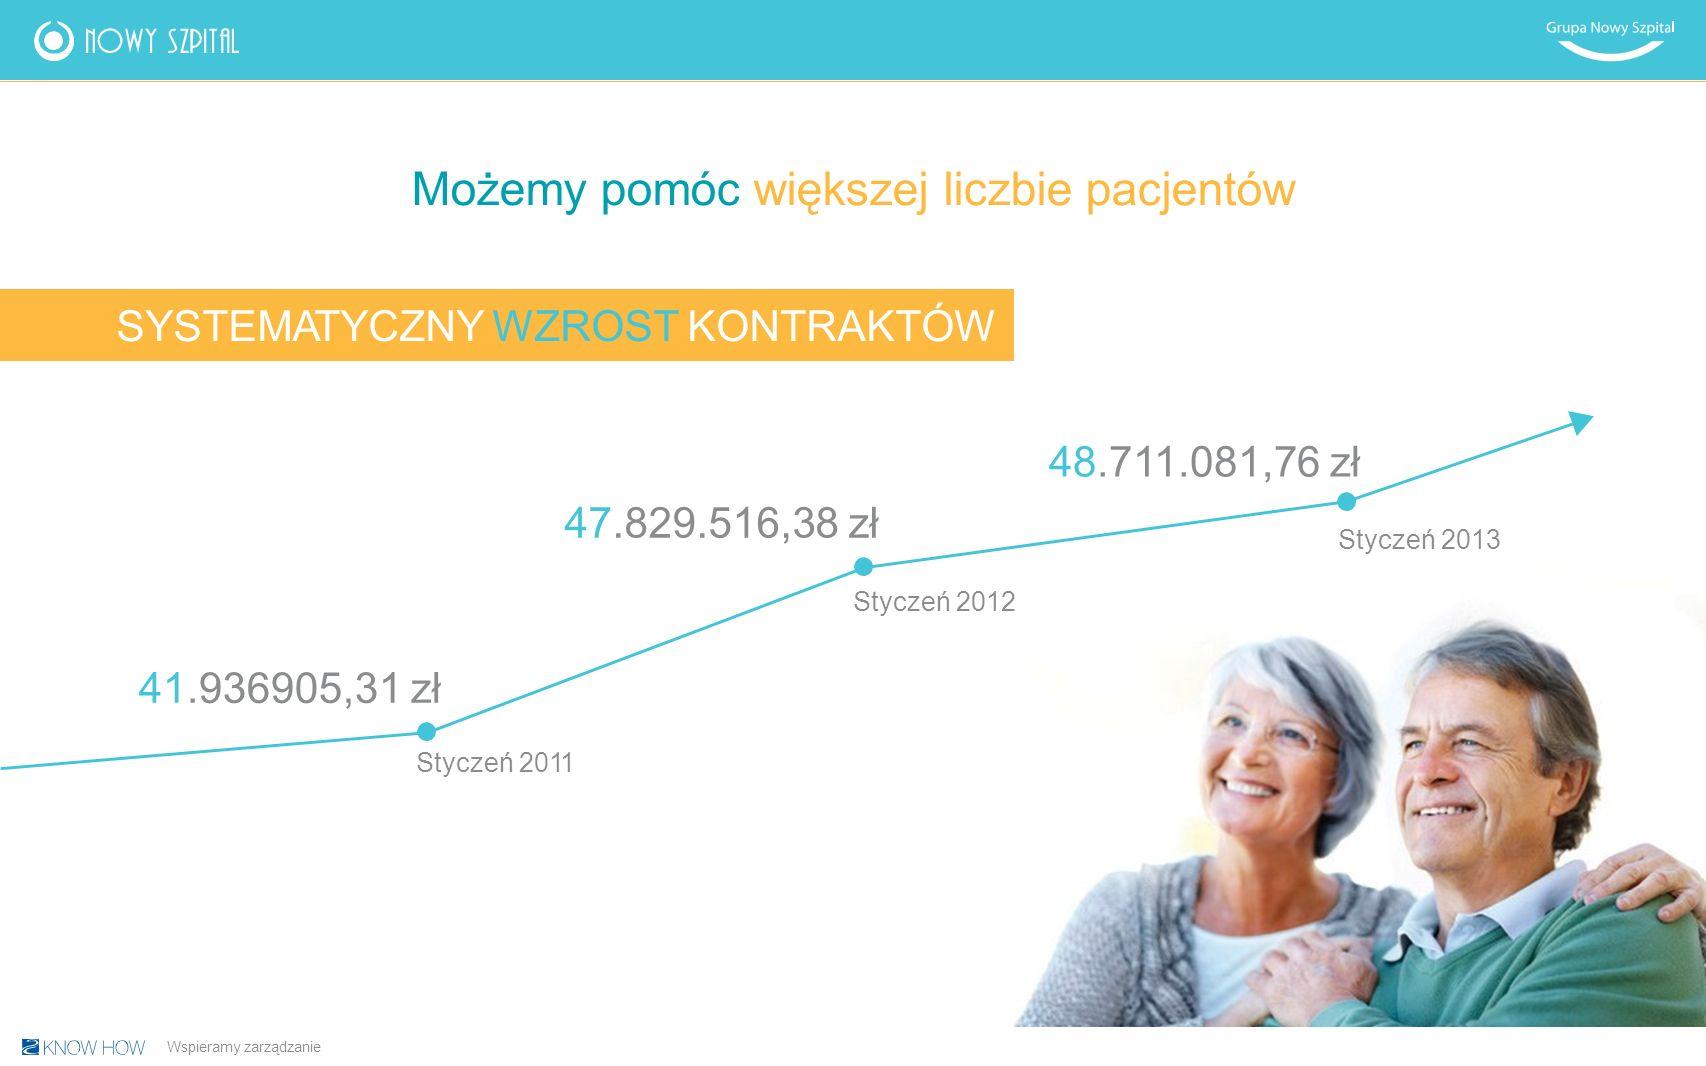 SYSTEMATYCZNY WZROST KONTRAKTÓW Możemy pomóc większej liczbie pacjentów 41.936905,31 zł Styczeń 2011 47.829.516,38 zł Styczeń 2012 Wspieramy zarządzanie 48.711.081,76 zł Styczeń 2013